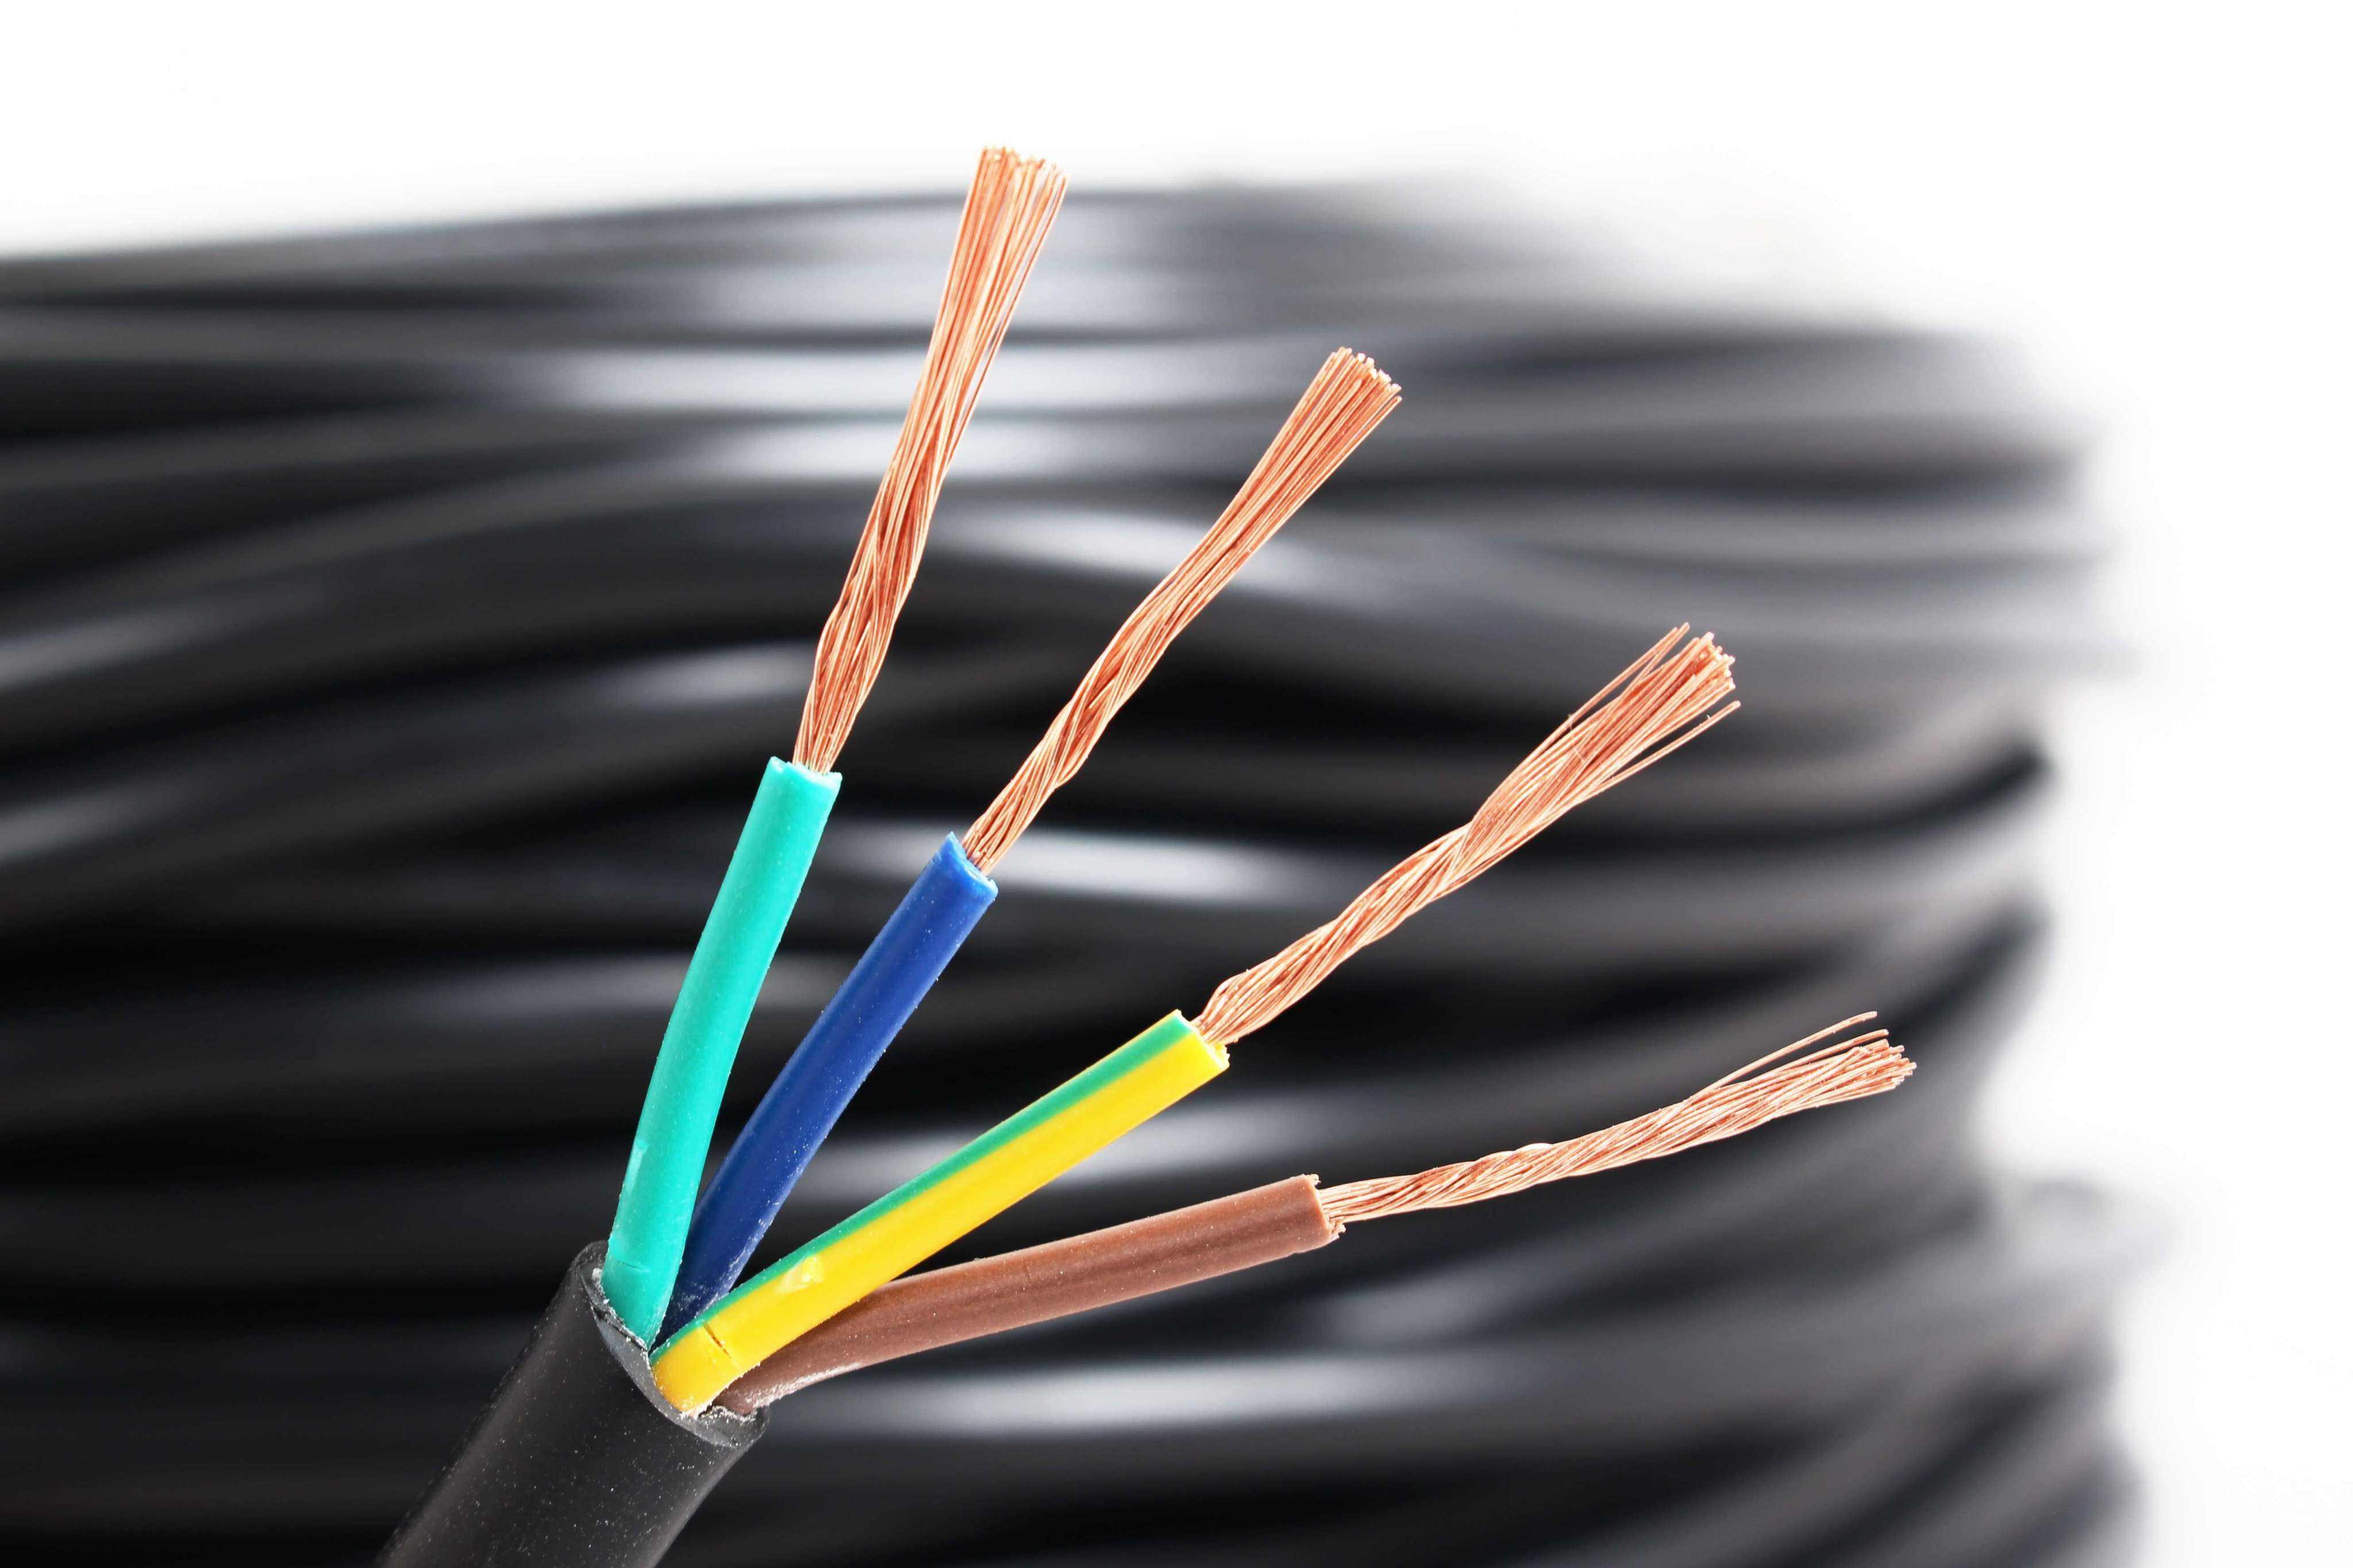 伊春将开展电线电缆专项整治 重点瞄准产销用环节